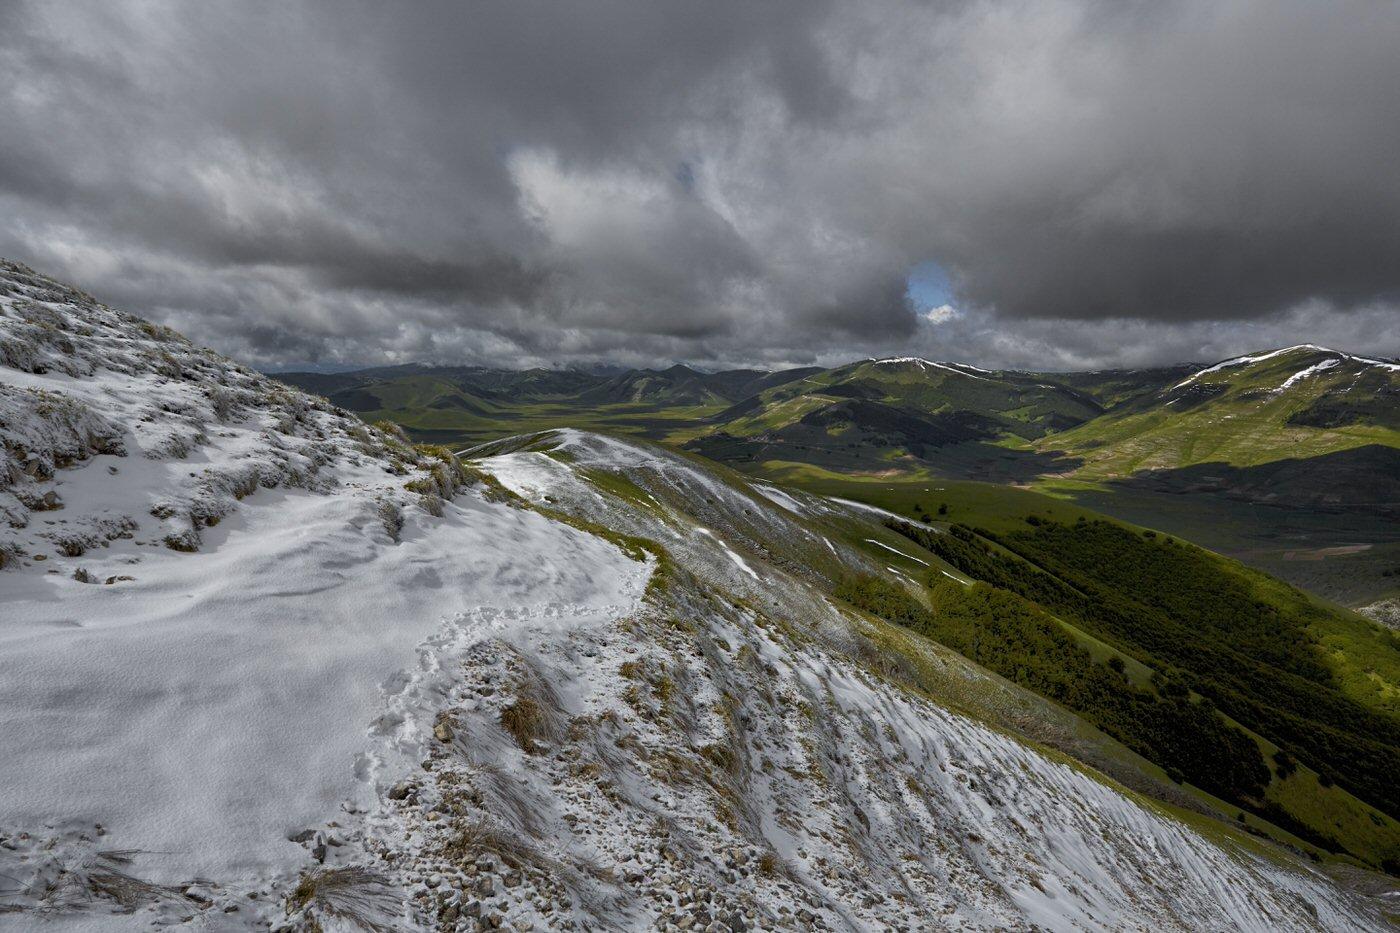 workshop di fotografia naturalistica nel Parco Nazionale dei Monti Sibillini - Michele Bavassano